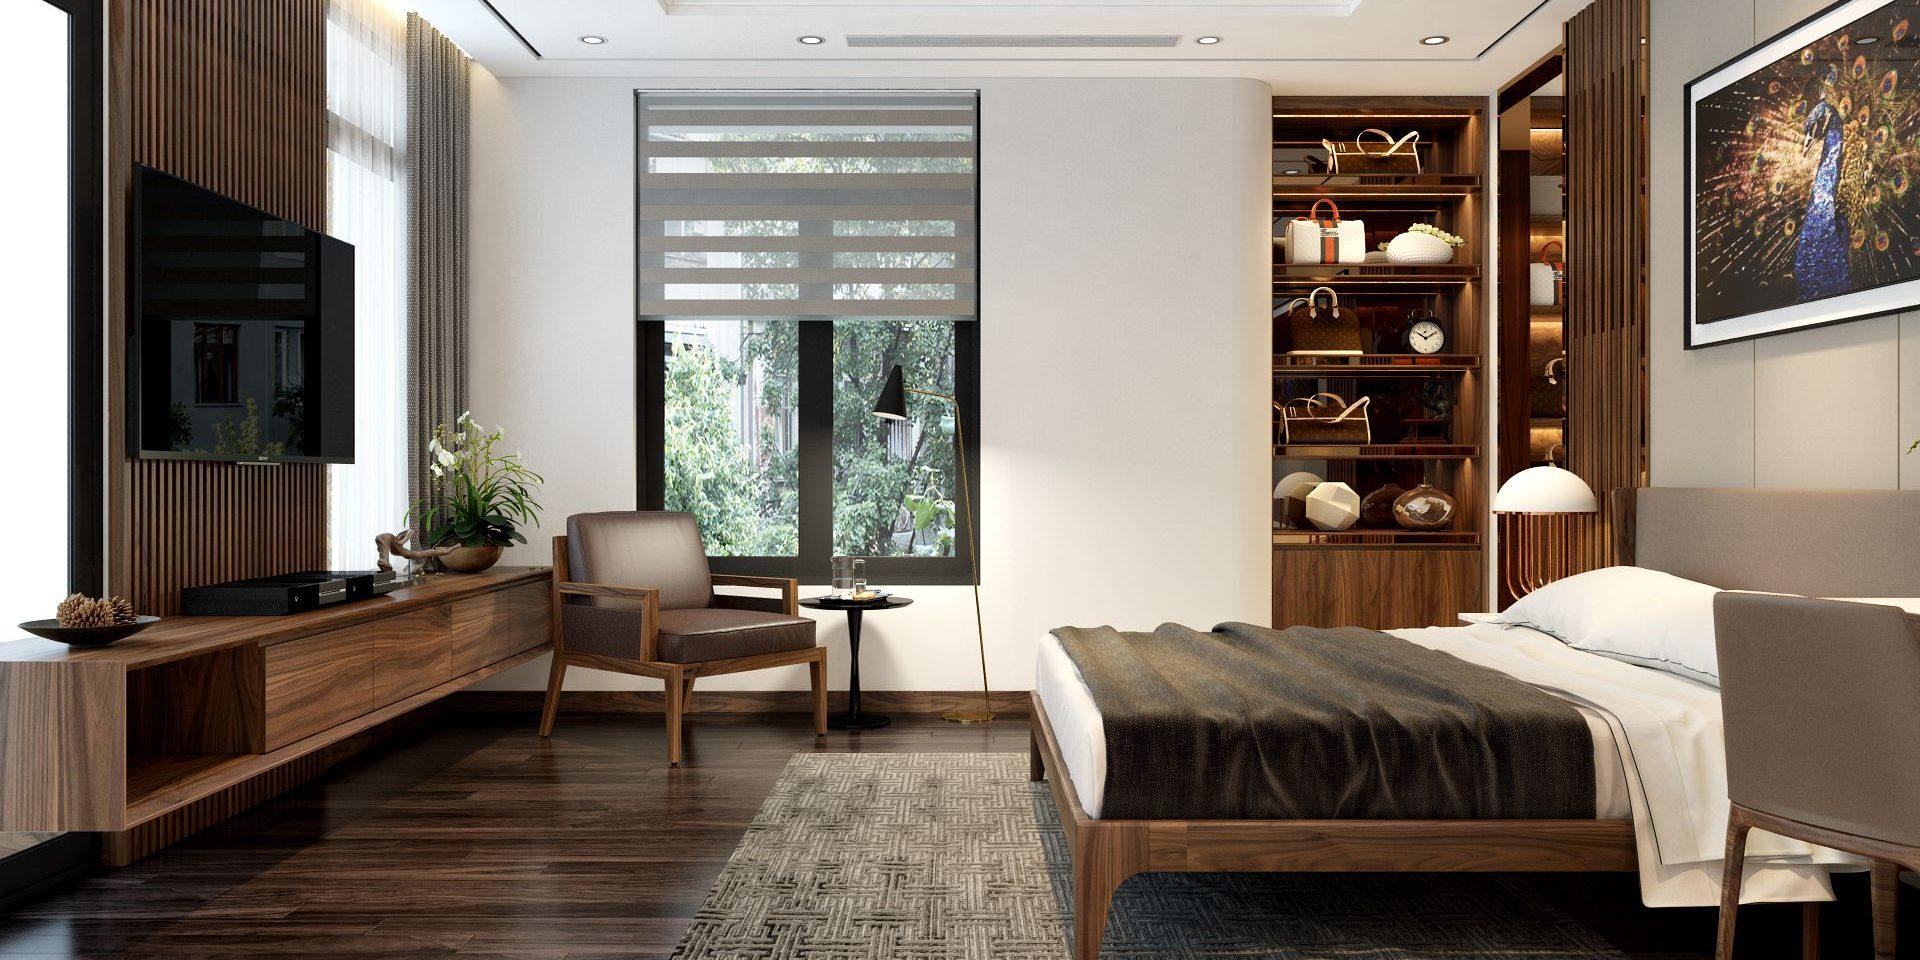 Tư vấn thiết kế nội thất căn hộ chung cư 100m² ở Bình Dương theo phong cách hiện đại, tối giản với chi phí 78 triệu - Ảnh 10.